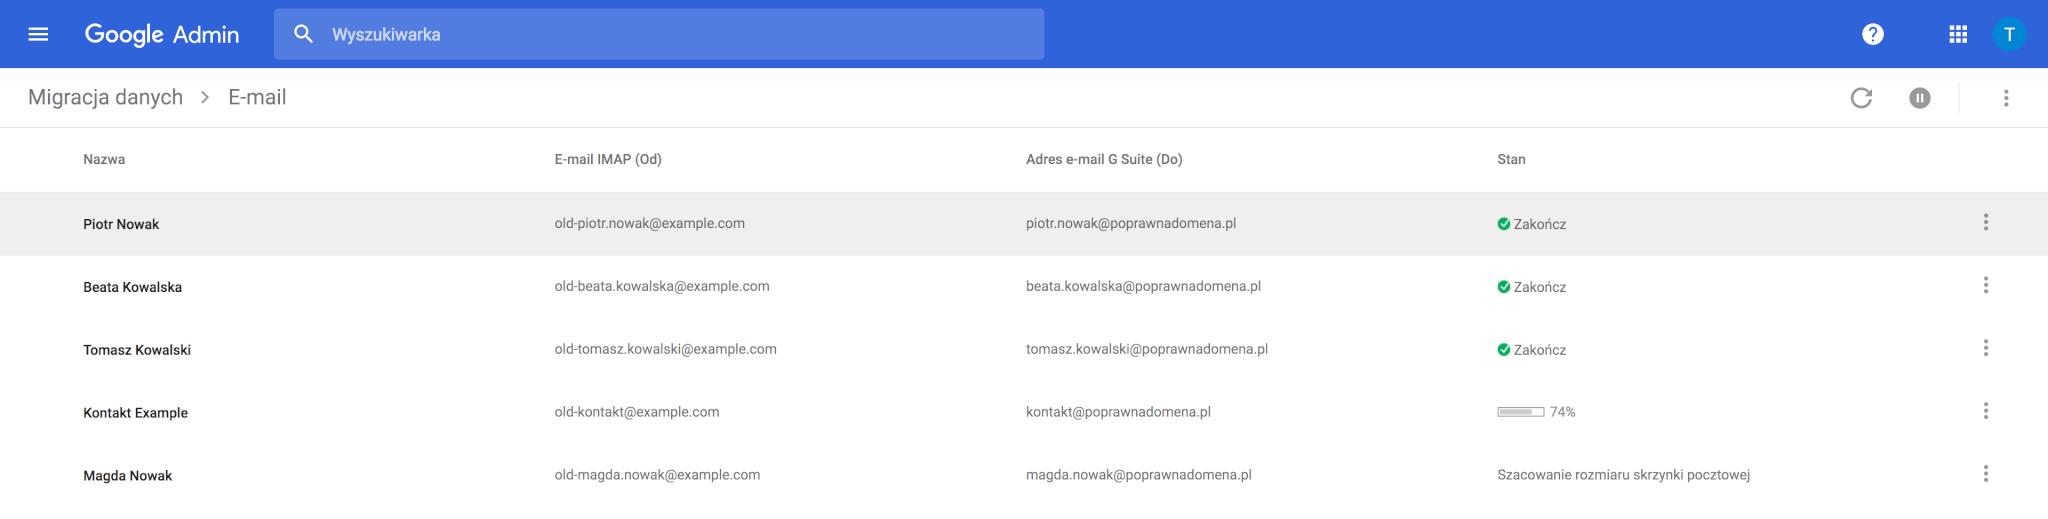 Postępy migracji Google Suite